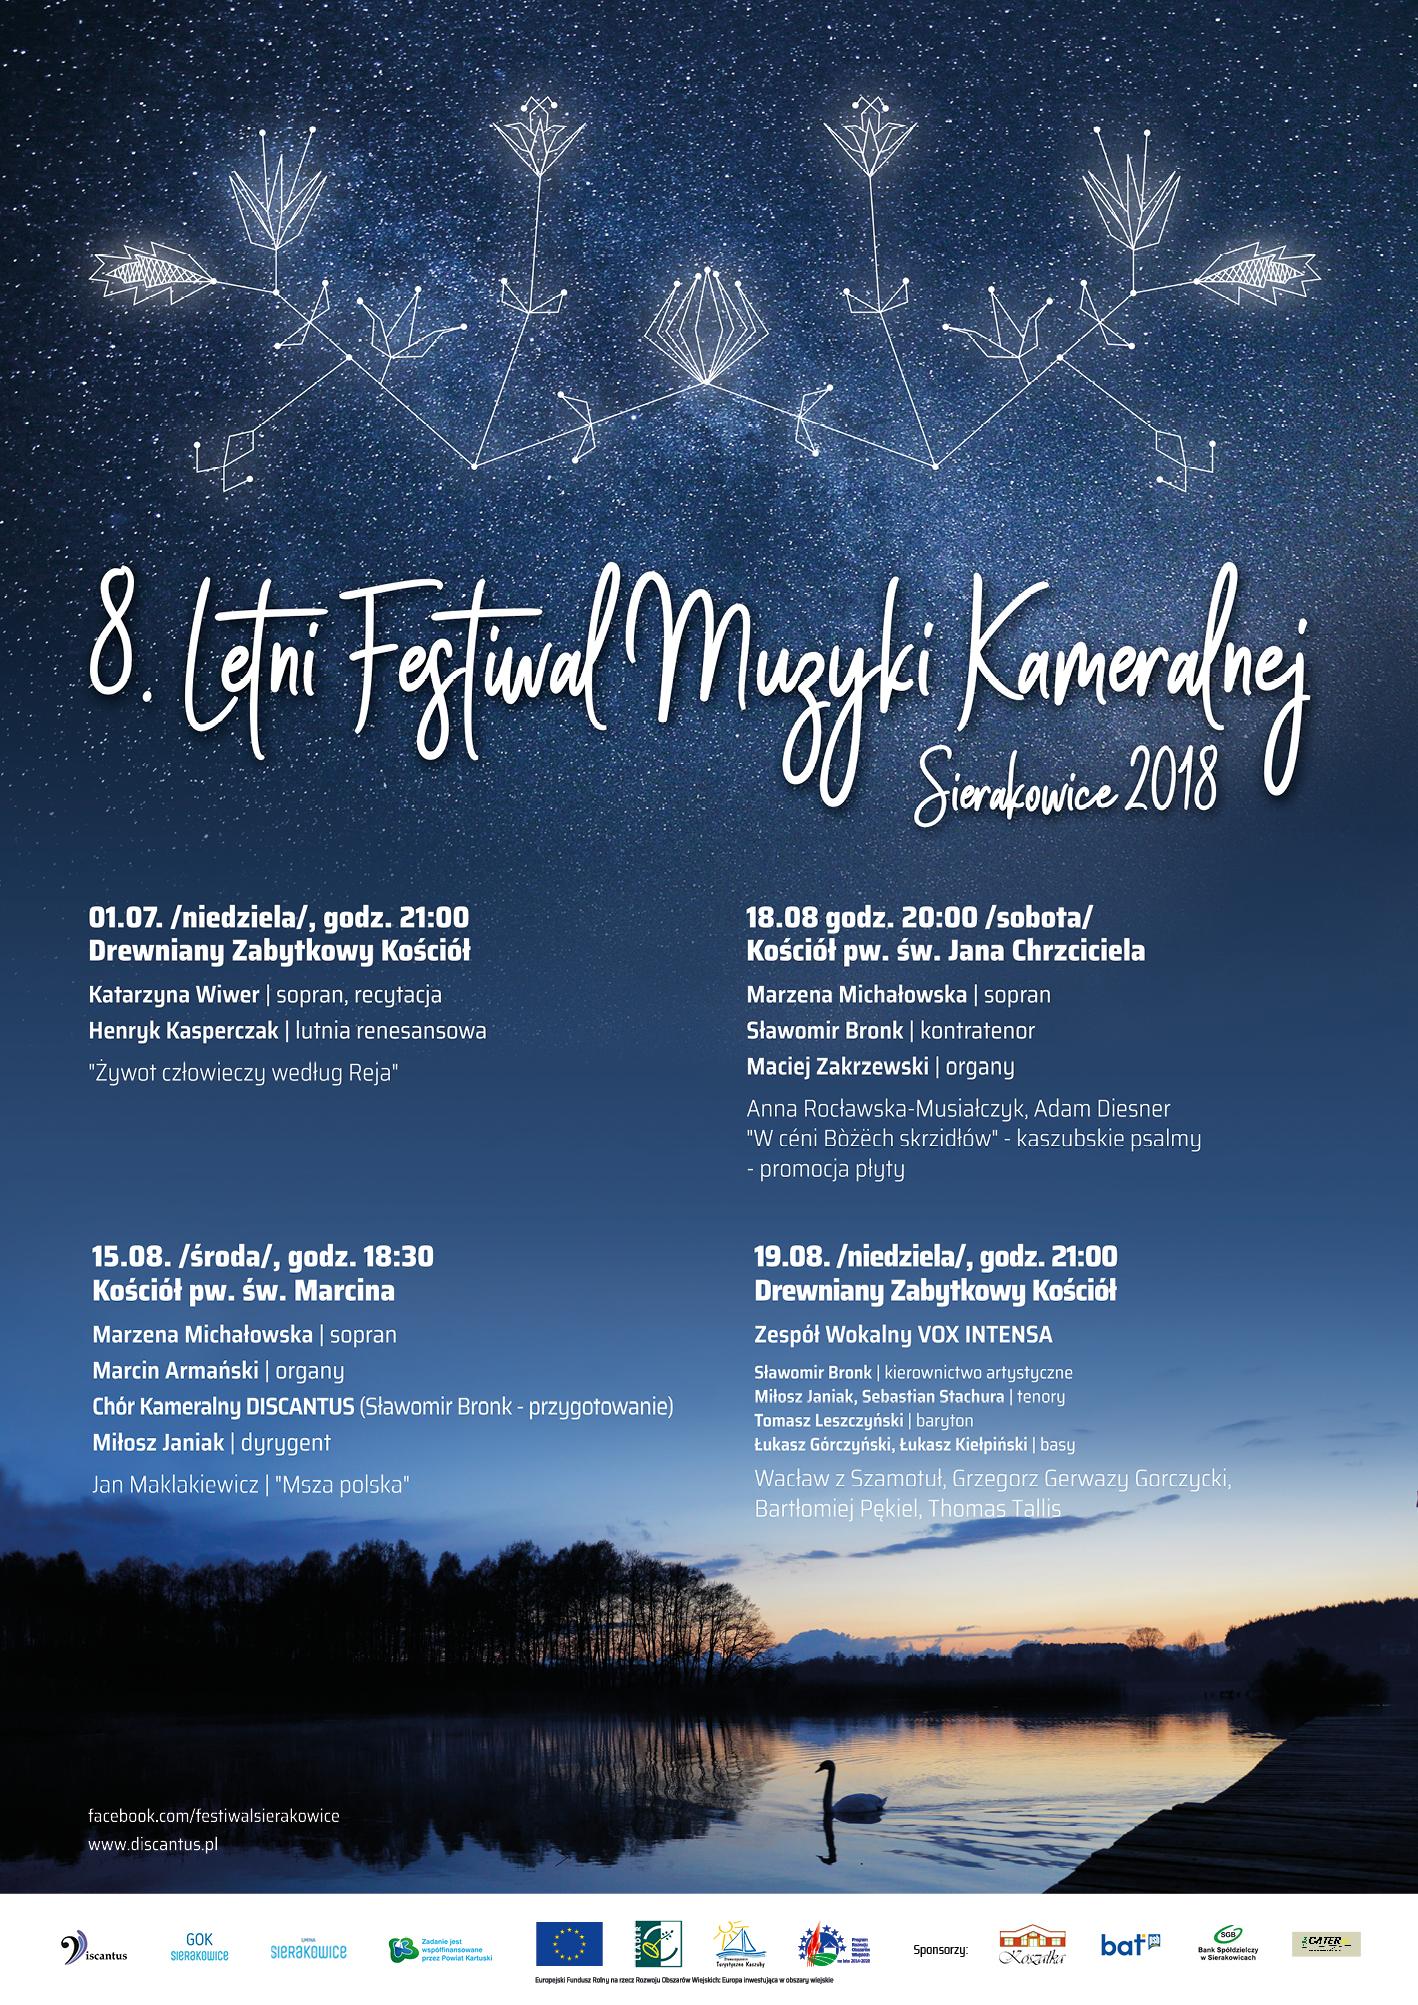 8. Letni Festiwal Muzyki Kameralnej - Sierakowice 2018